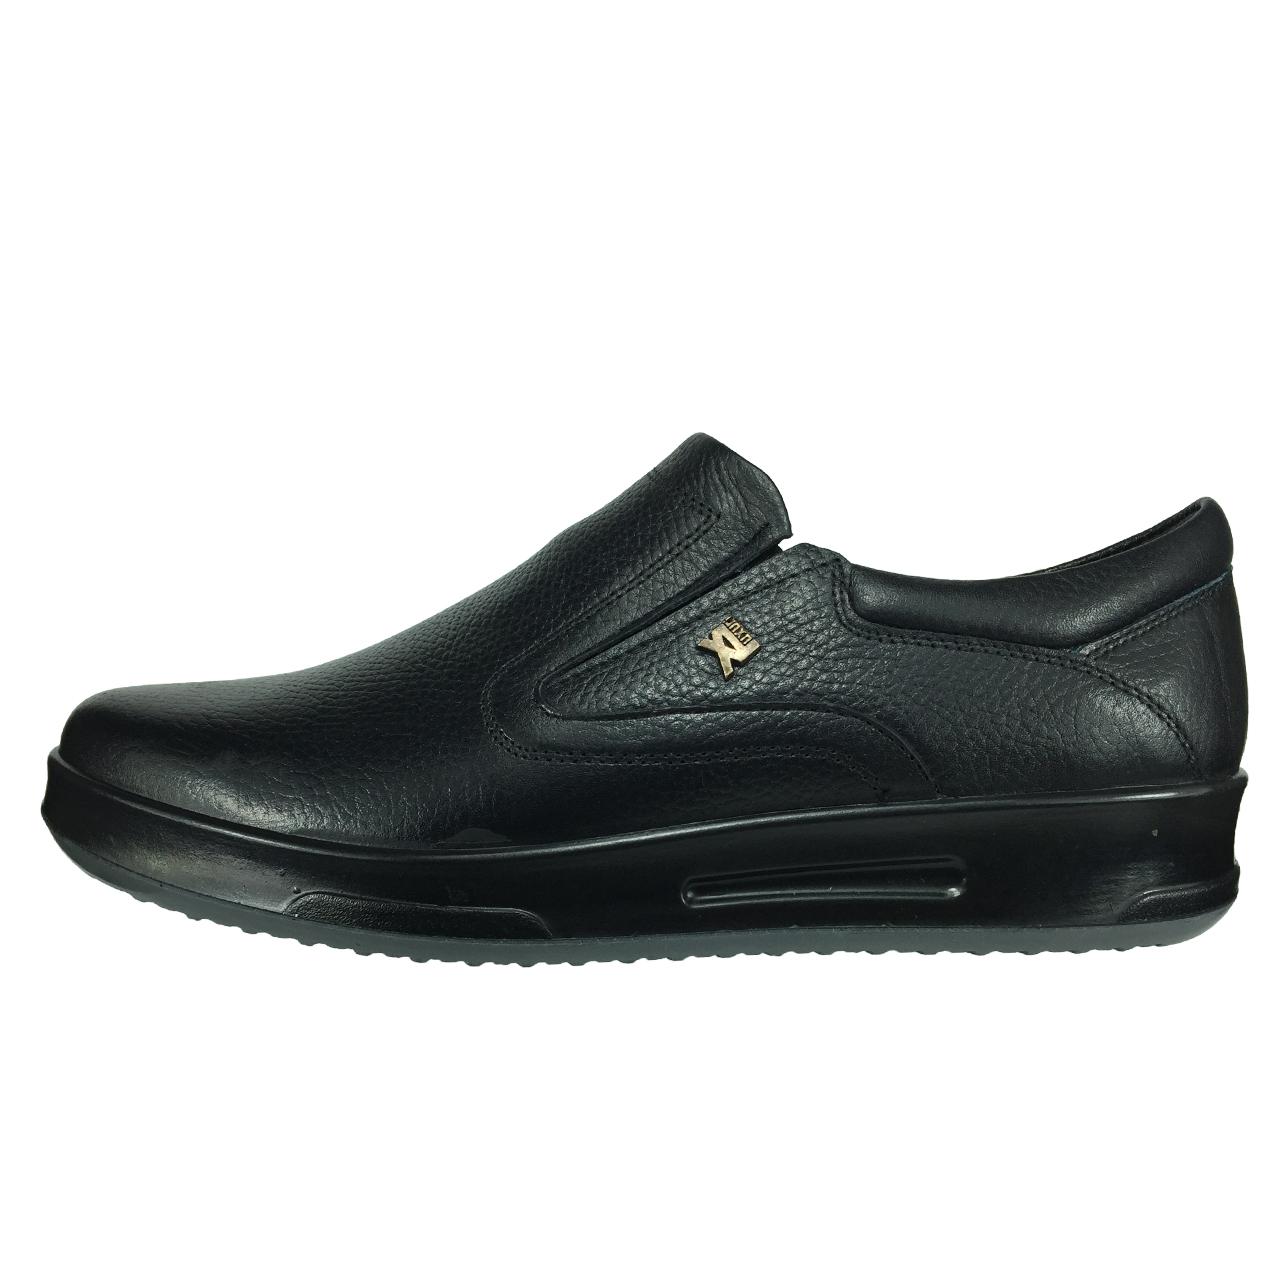 کفش طبی چرم مدل B435 رنگ مشکی